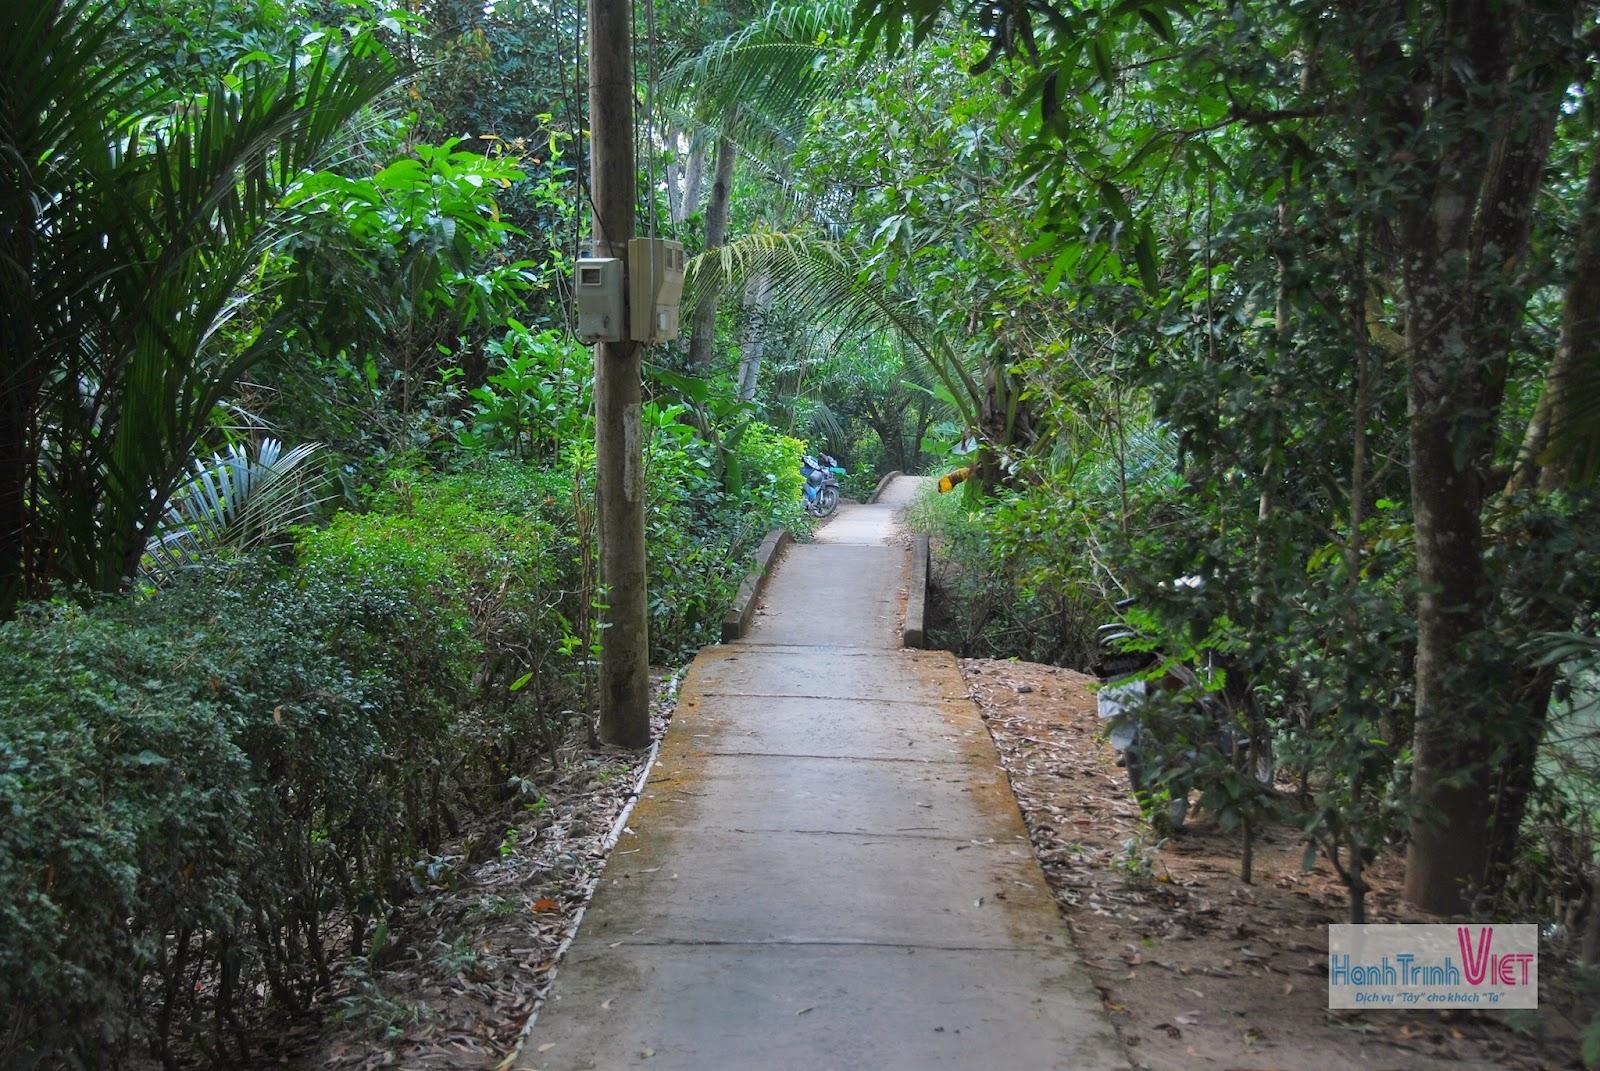 Dạo quanh trong đường làng ở khu vực trồng xoài cát Hòa Lộc nổi tiếng ở Cái Bè